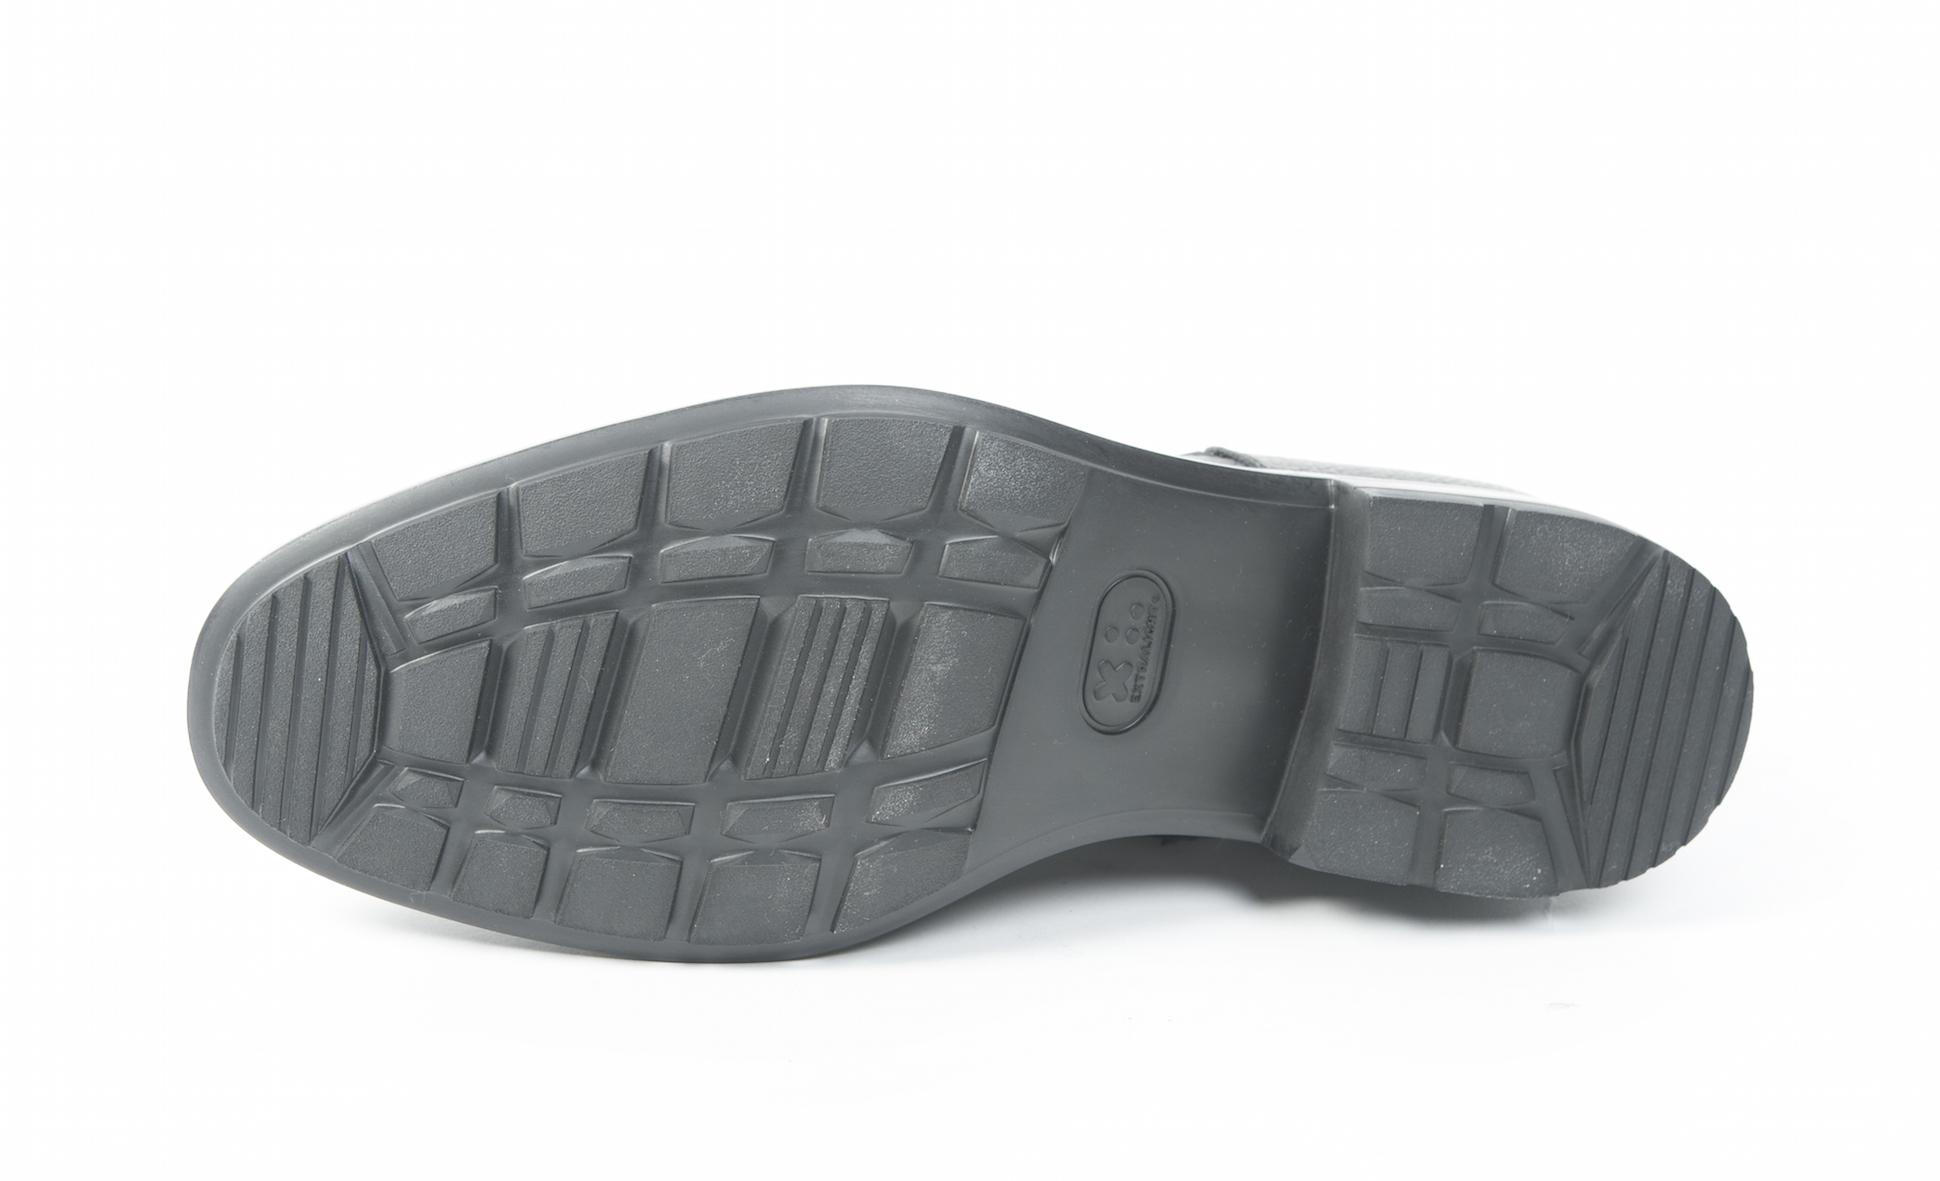 Le scarpe invernali da uomo con le suole di gomma Vibram e Extralight 4233a50d251